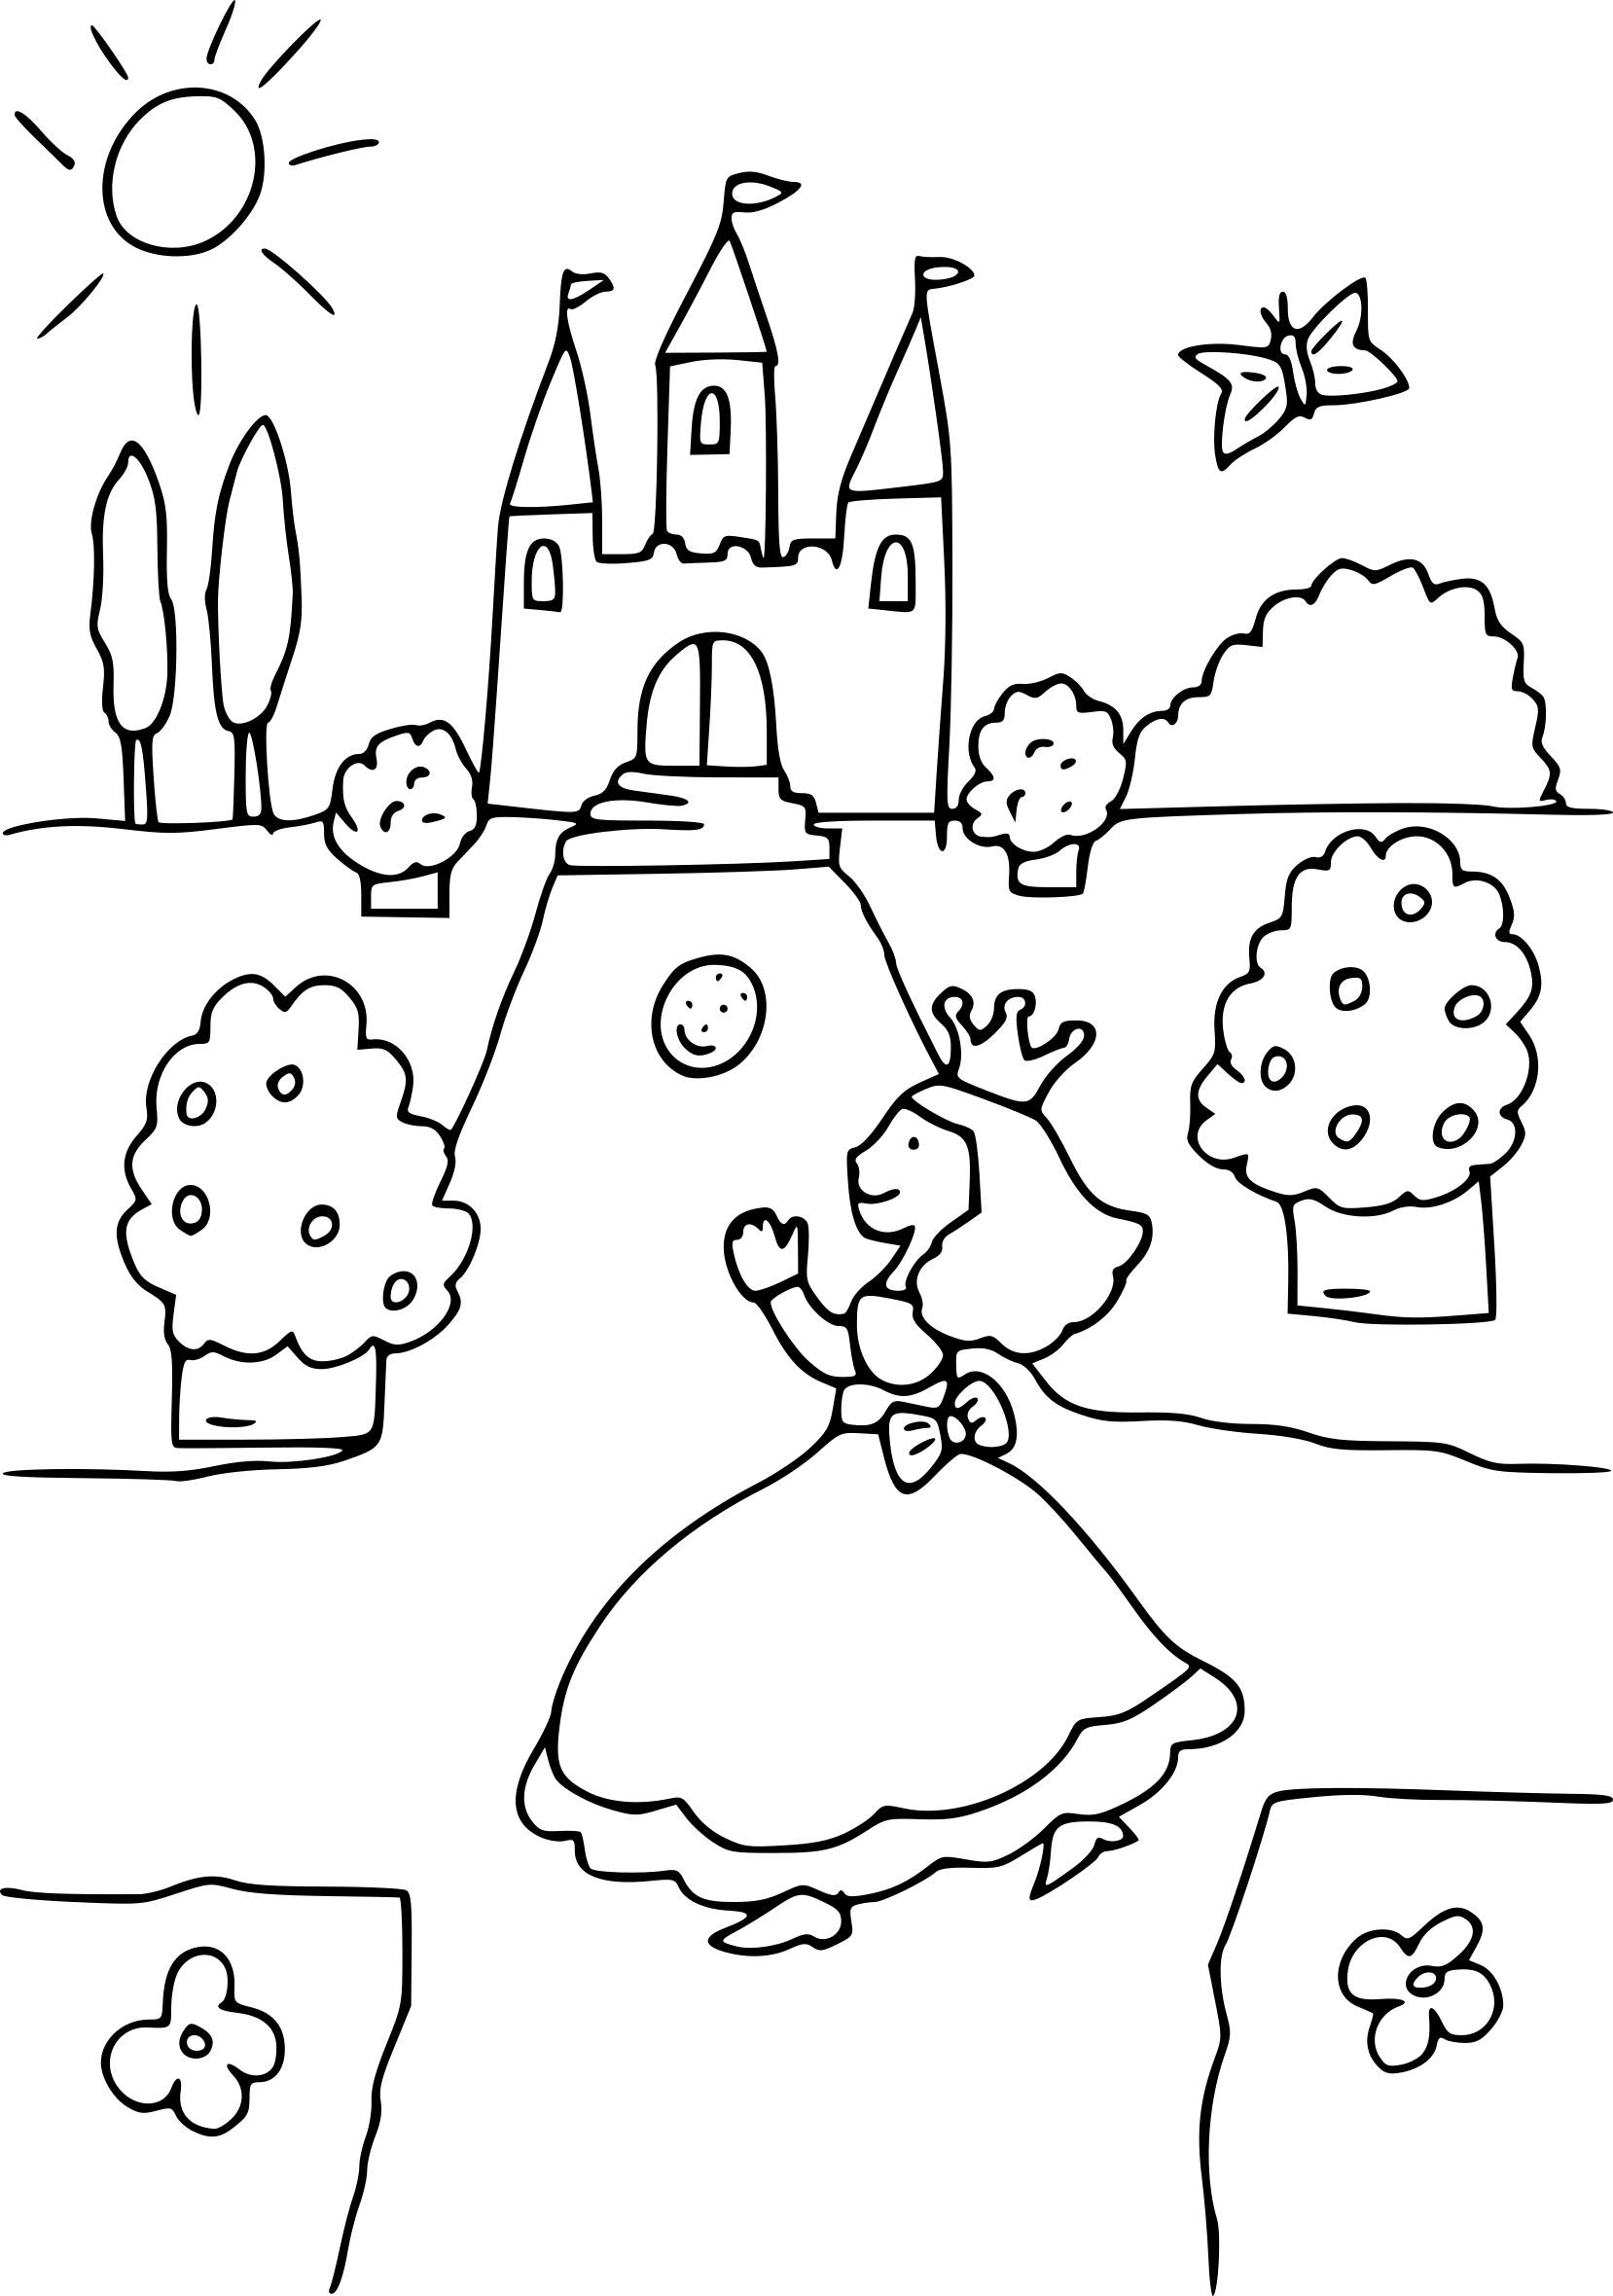 Coloriage Princesse Chateau À Imprimer Sur Coloriages intérieur Coloriage À Imprimer Chateau De Princesse